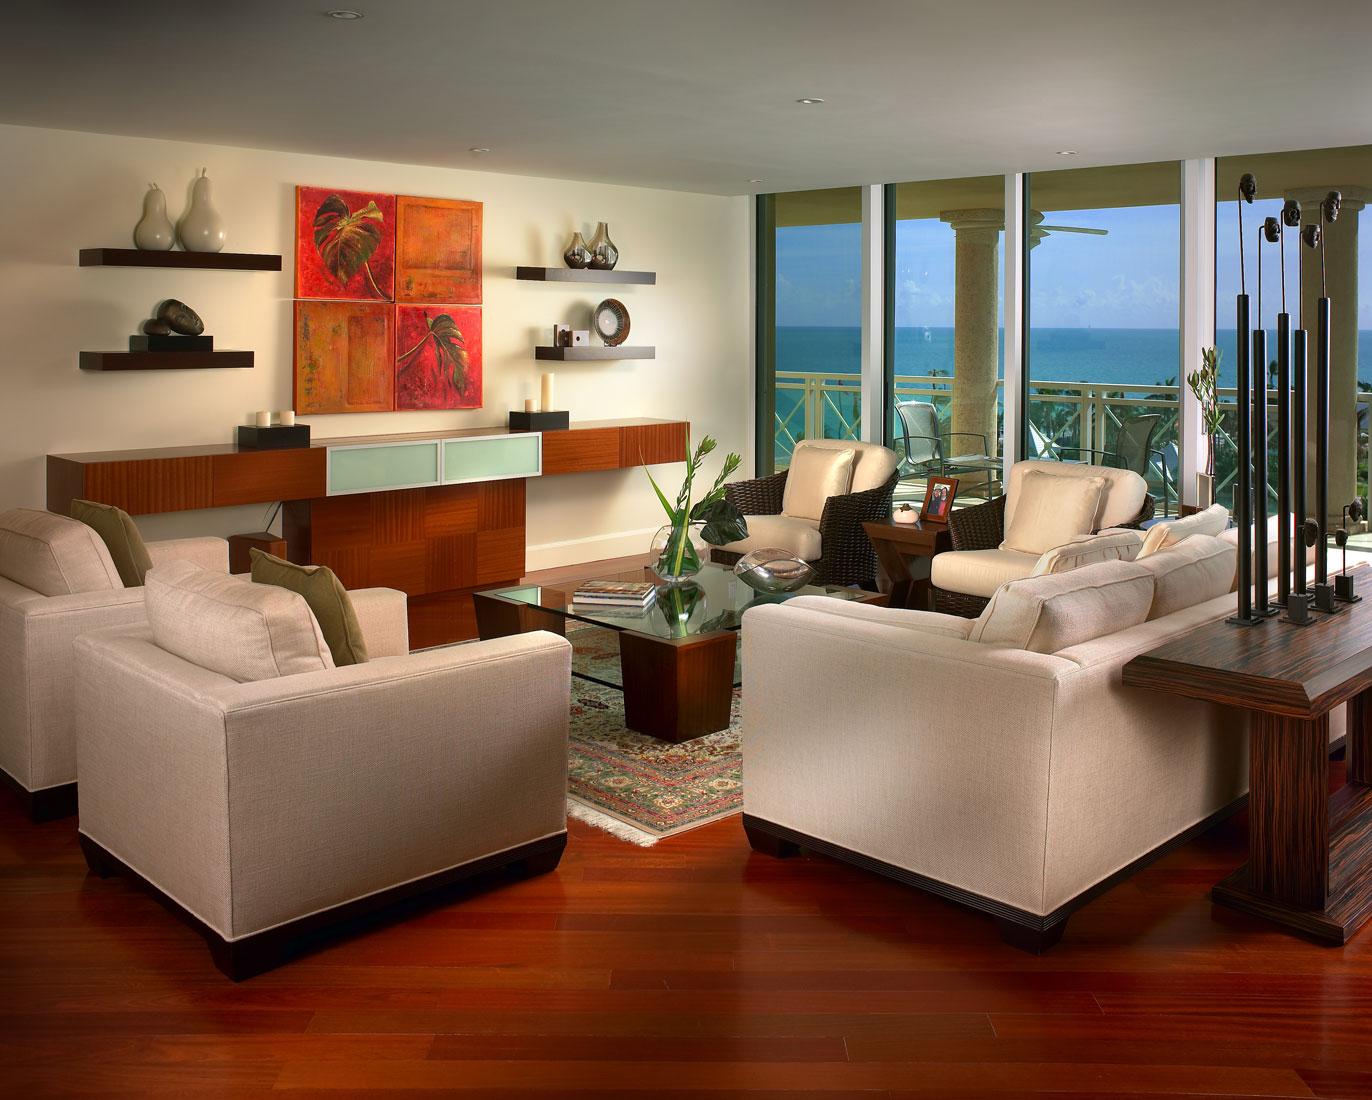 Top Miami interior designer Ivette Arango